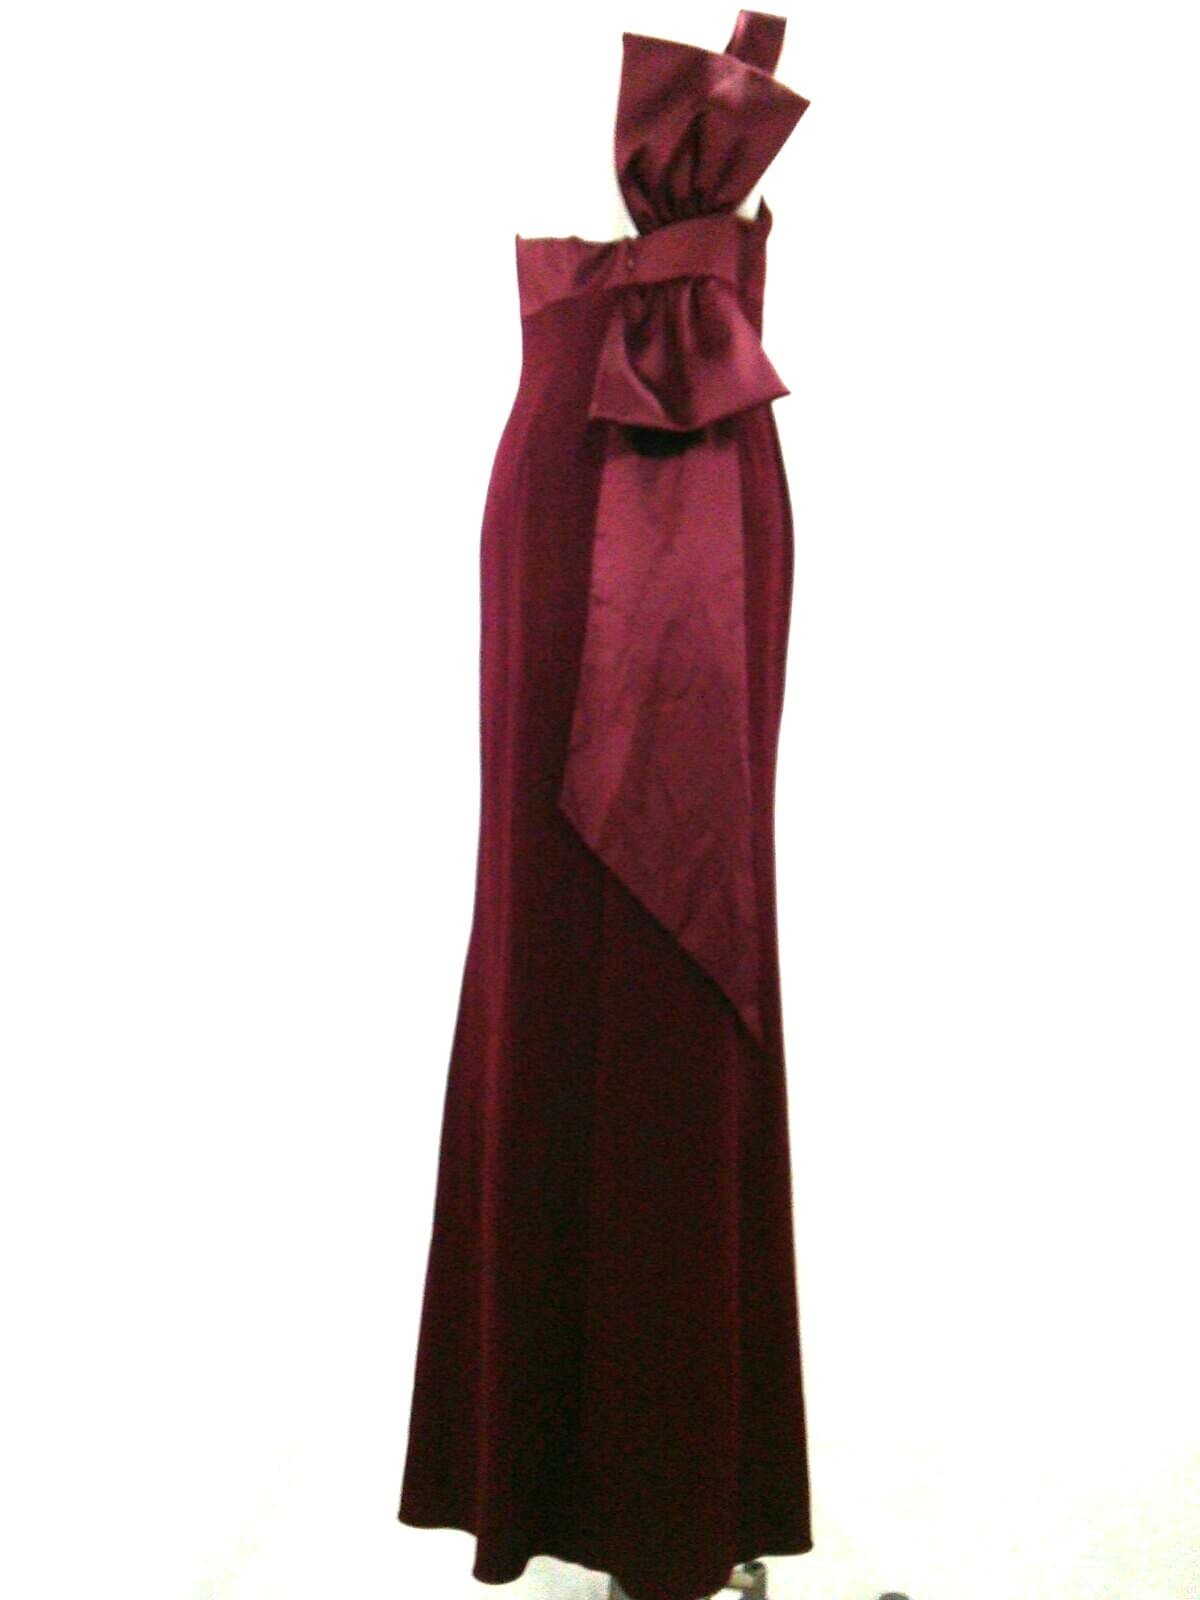 ADRIANNA PAPELL(アドリアナパペル)のドレス